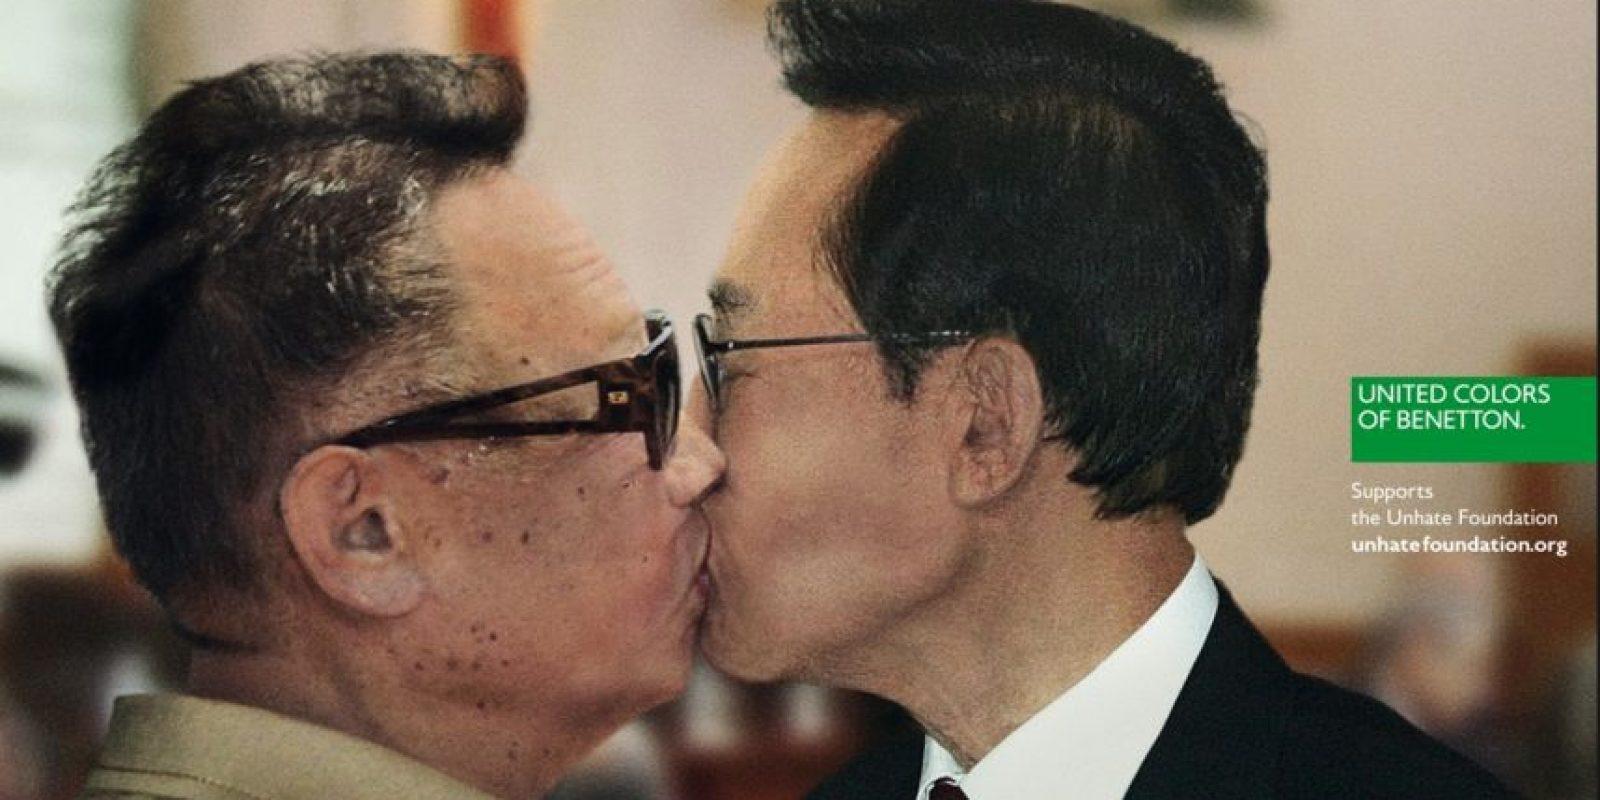 Mostraban a todos los politicos besándose Foto:Benetton